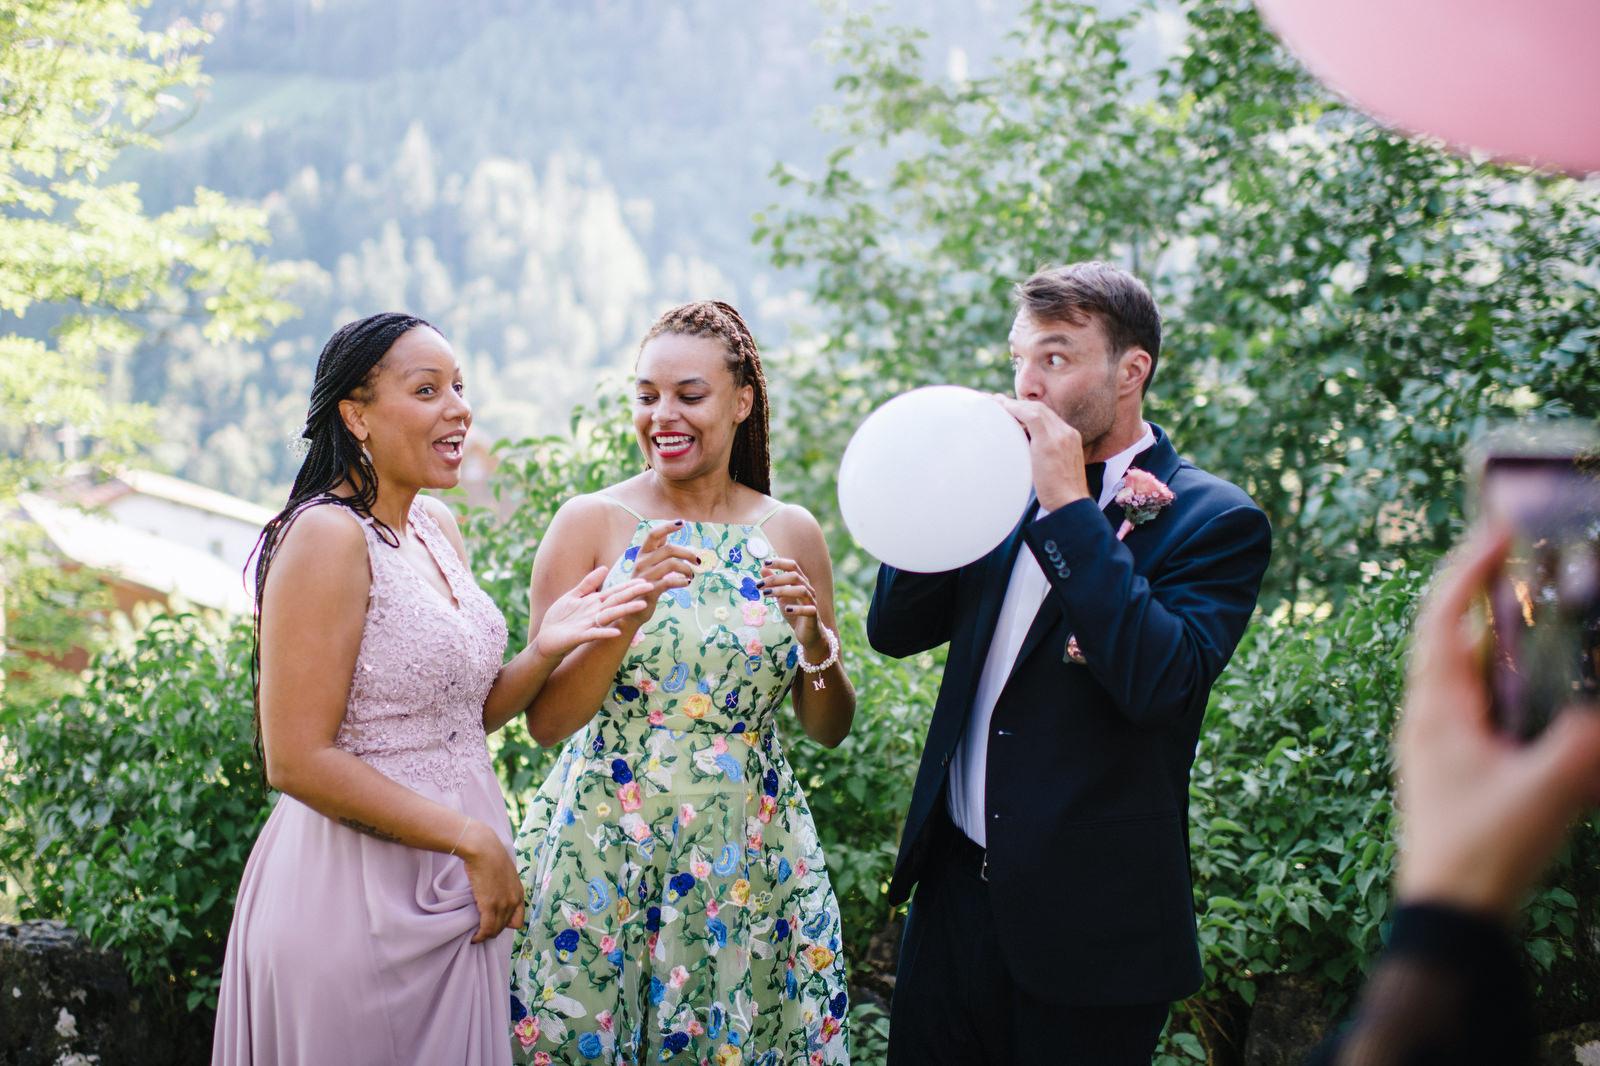 Fotograf Konstanz - Luxus Hochzeit Fotograf Grand Resort Bad Ragaz Schweiz Lichtenstein 118 - Destination wedding at the Grand Resort Bad Ragaz, Swiss  - 173 -